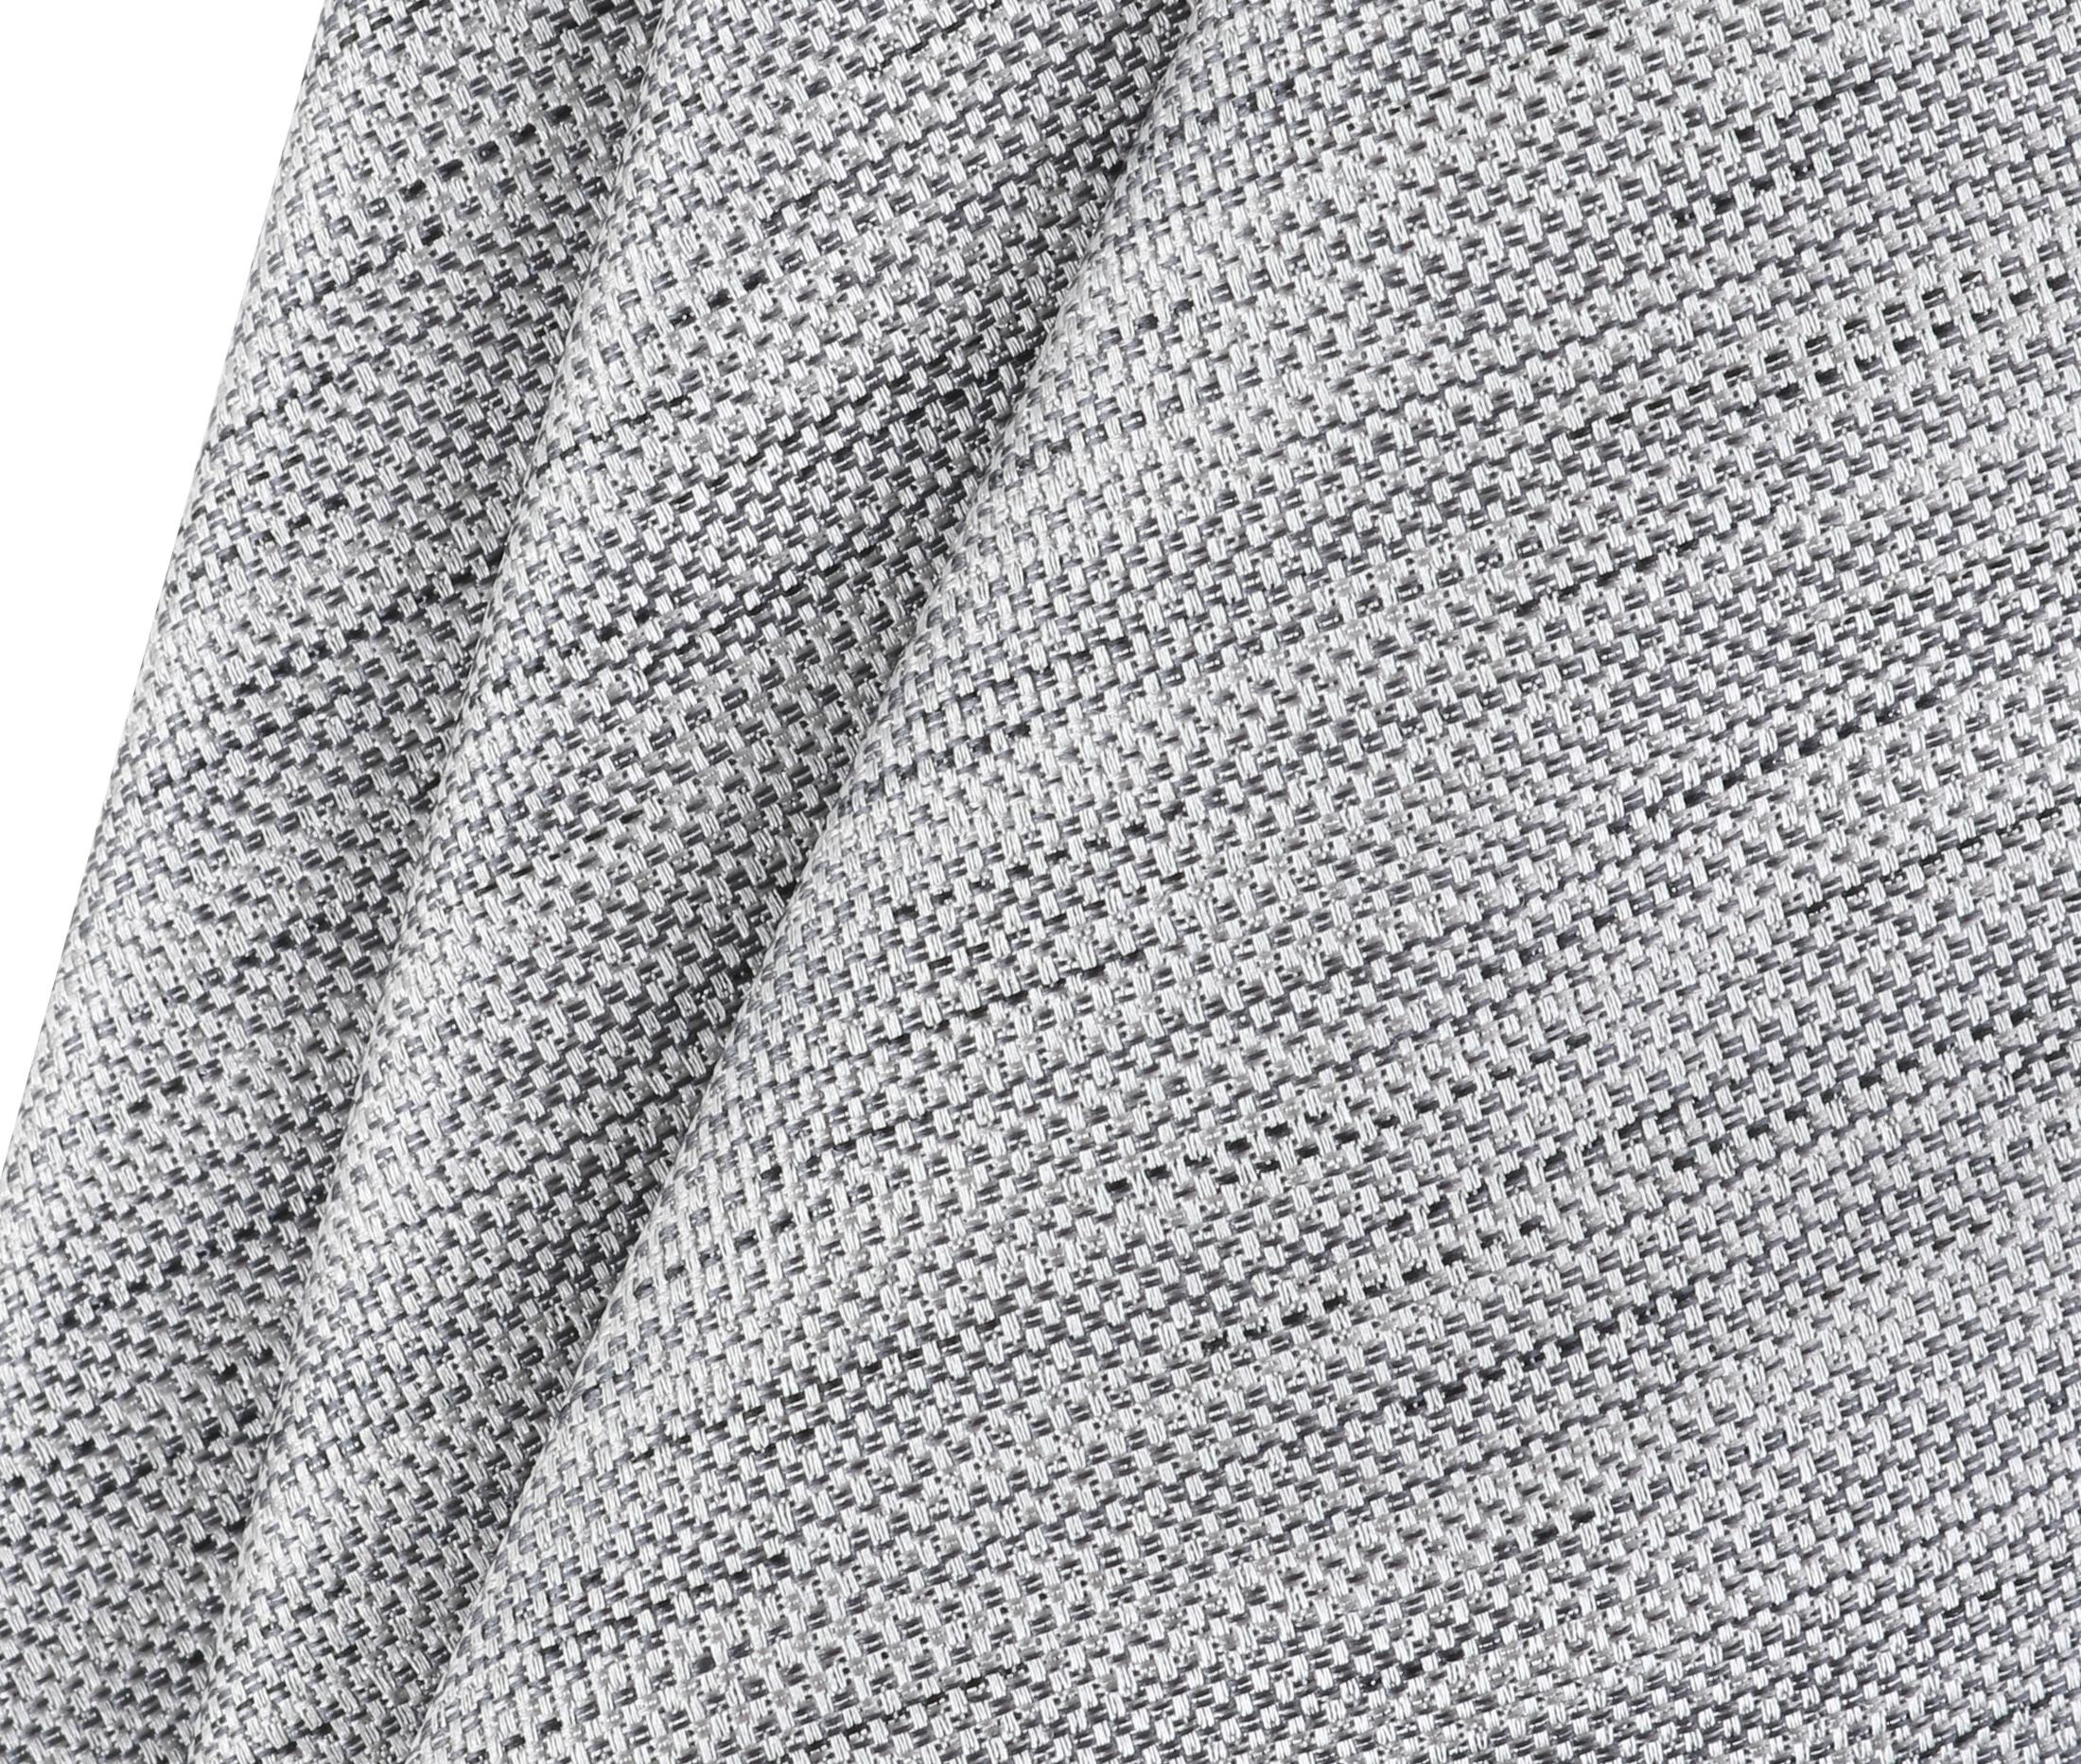 Krawatte Seide Grau 9-17 foto 2